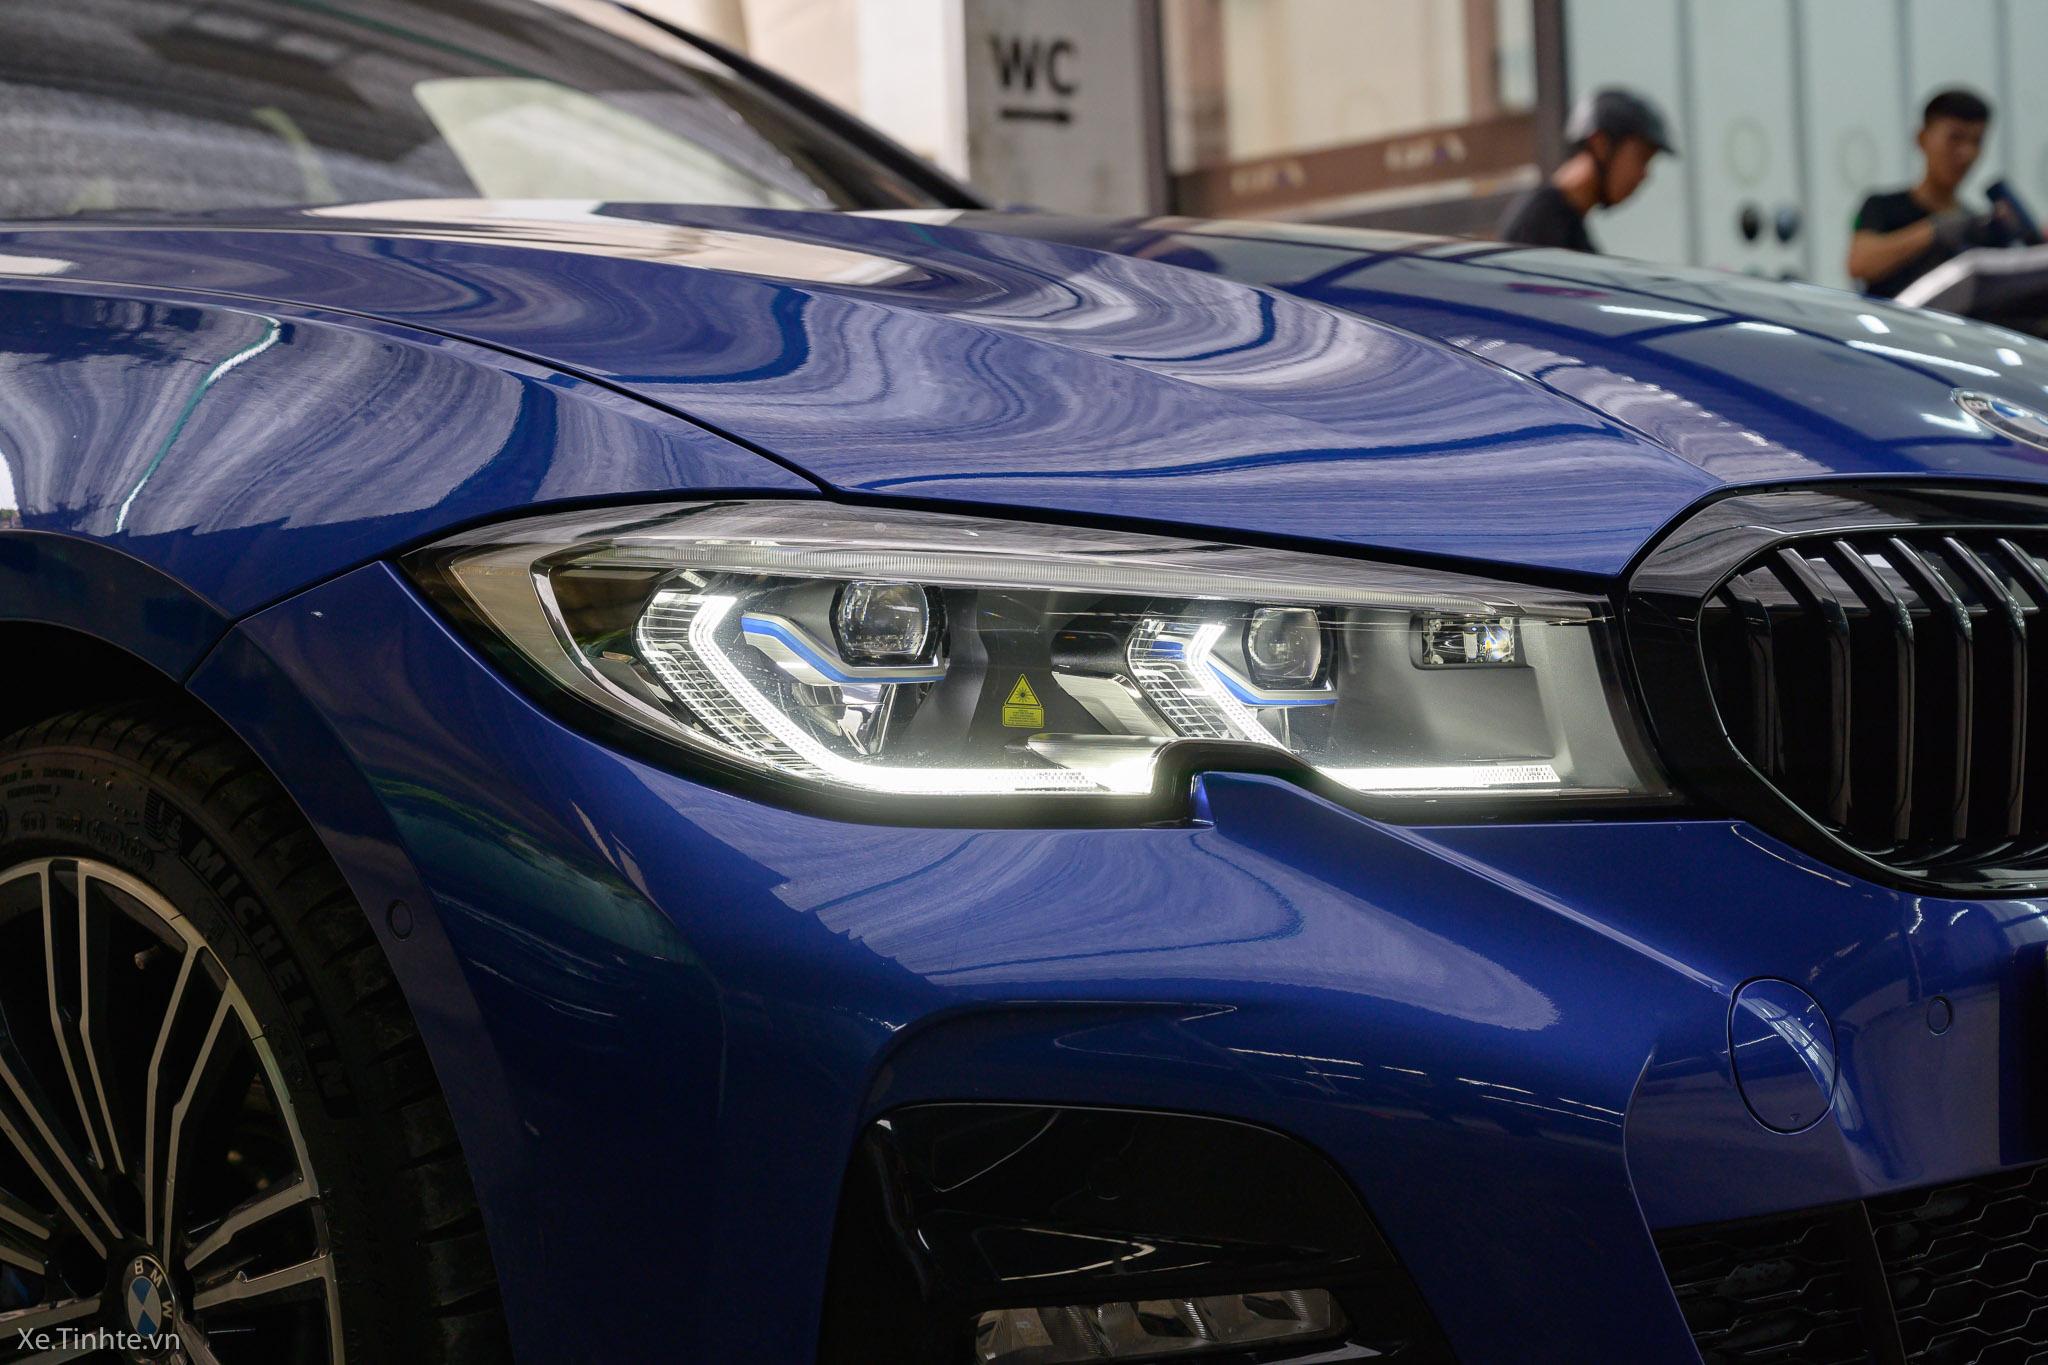 Độ_đèn Laser_BMW_330i_G20-2122-2.jpg